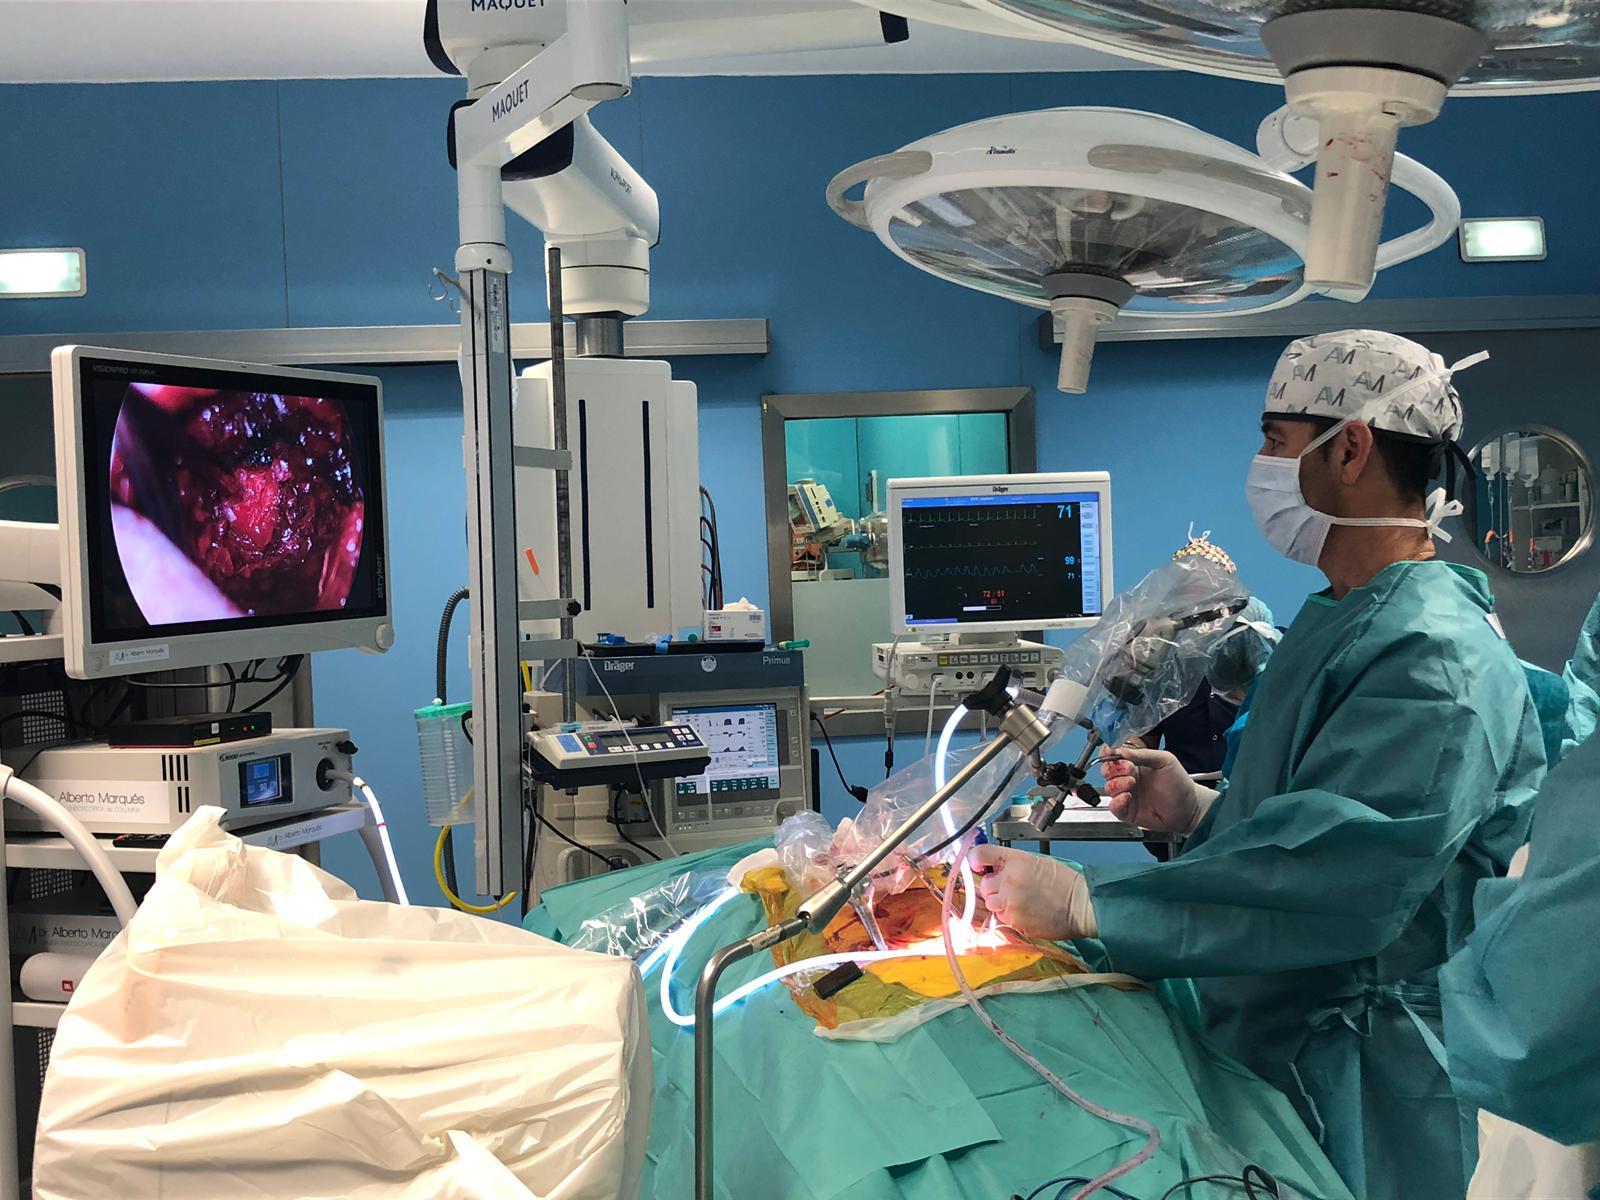 cirugía endoscópica en fusiones vertebrales